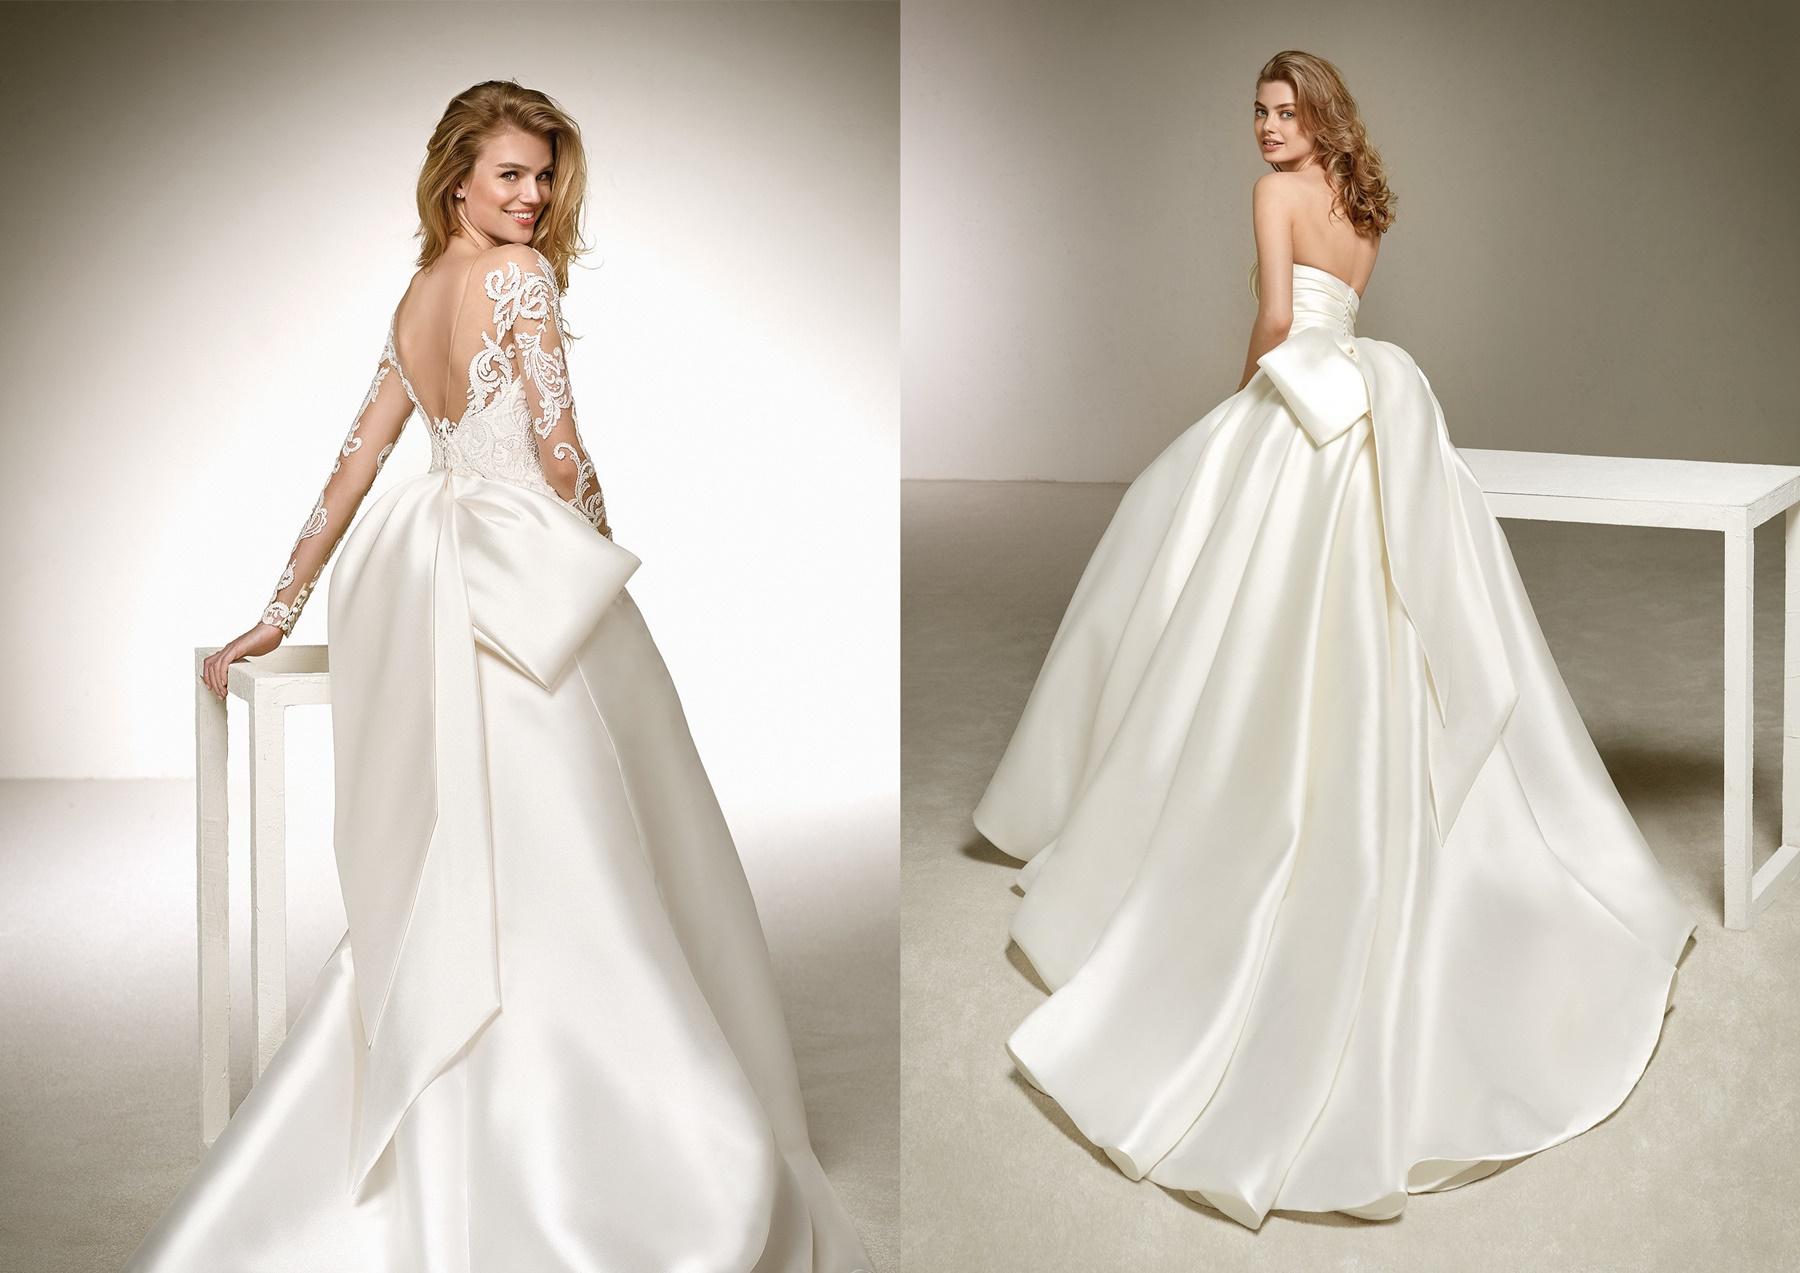 klasyczna suknia ślubna _ najmodniejsze suknie ślubne